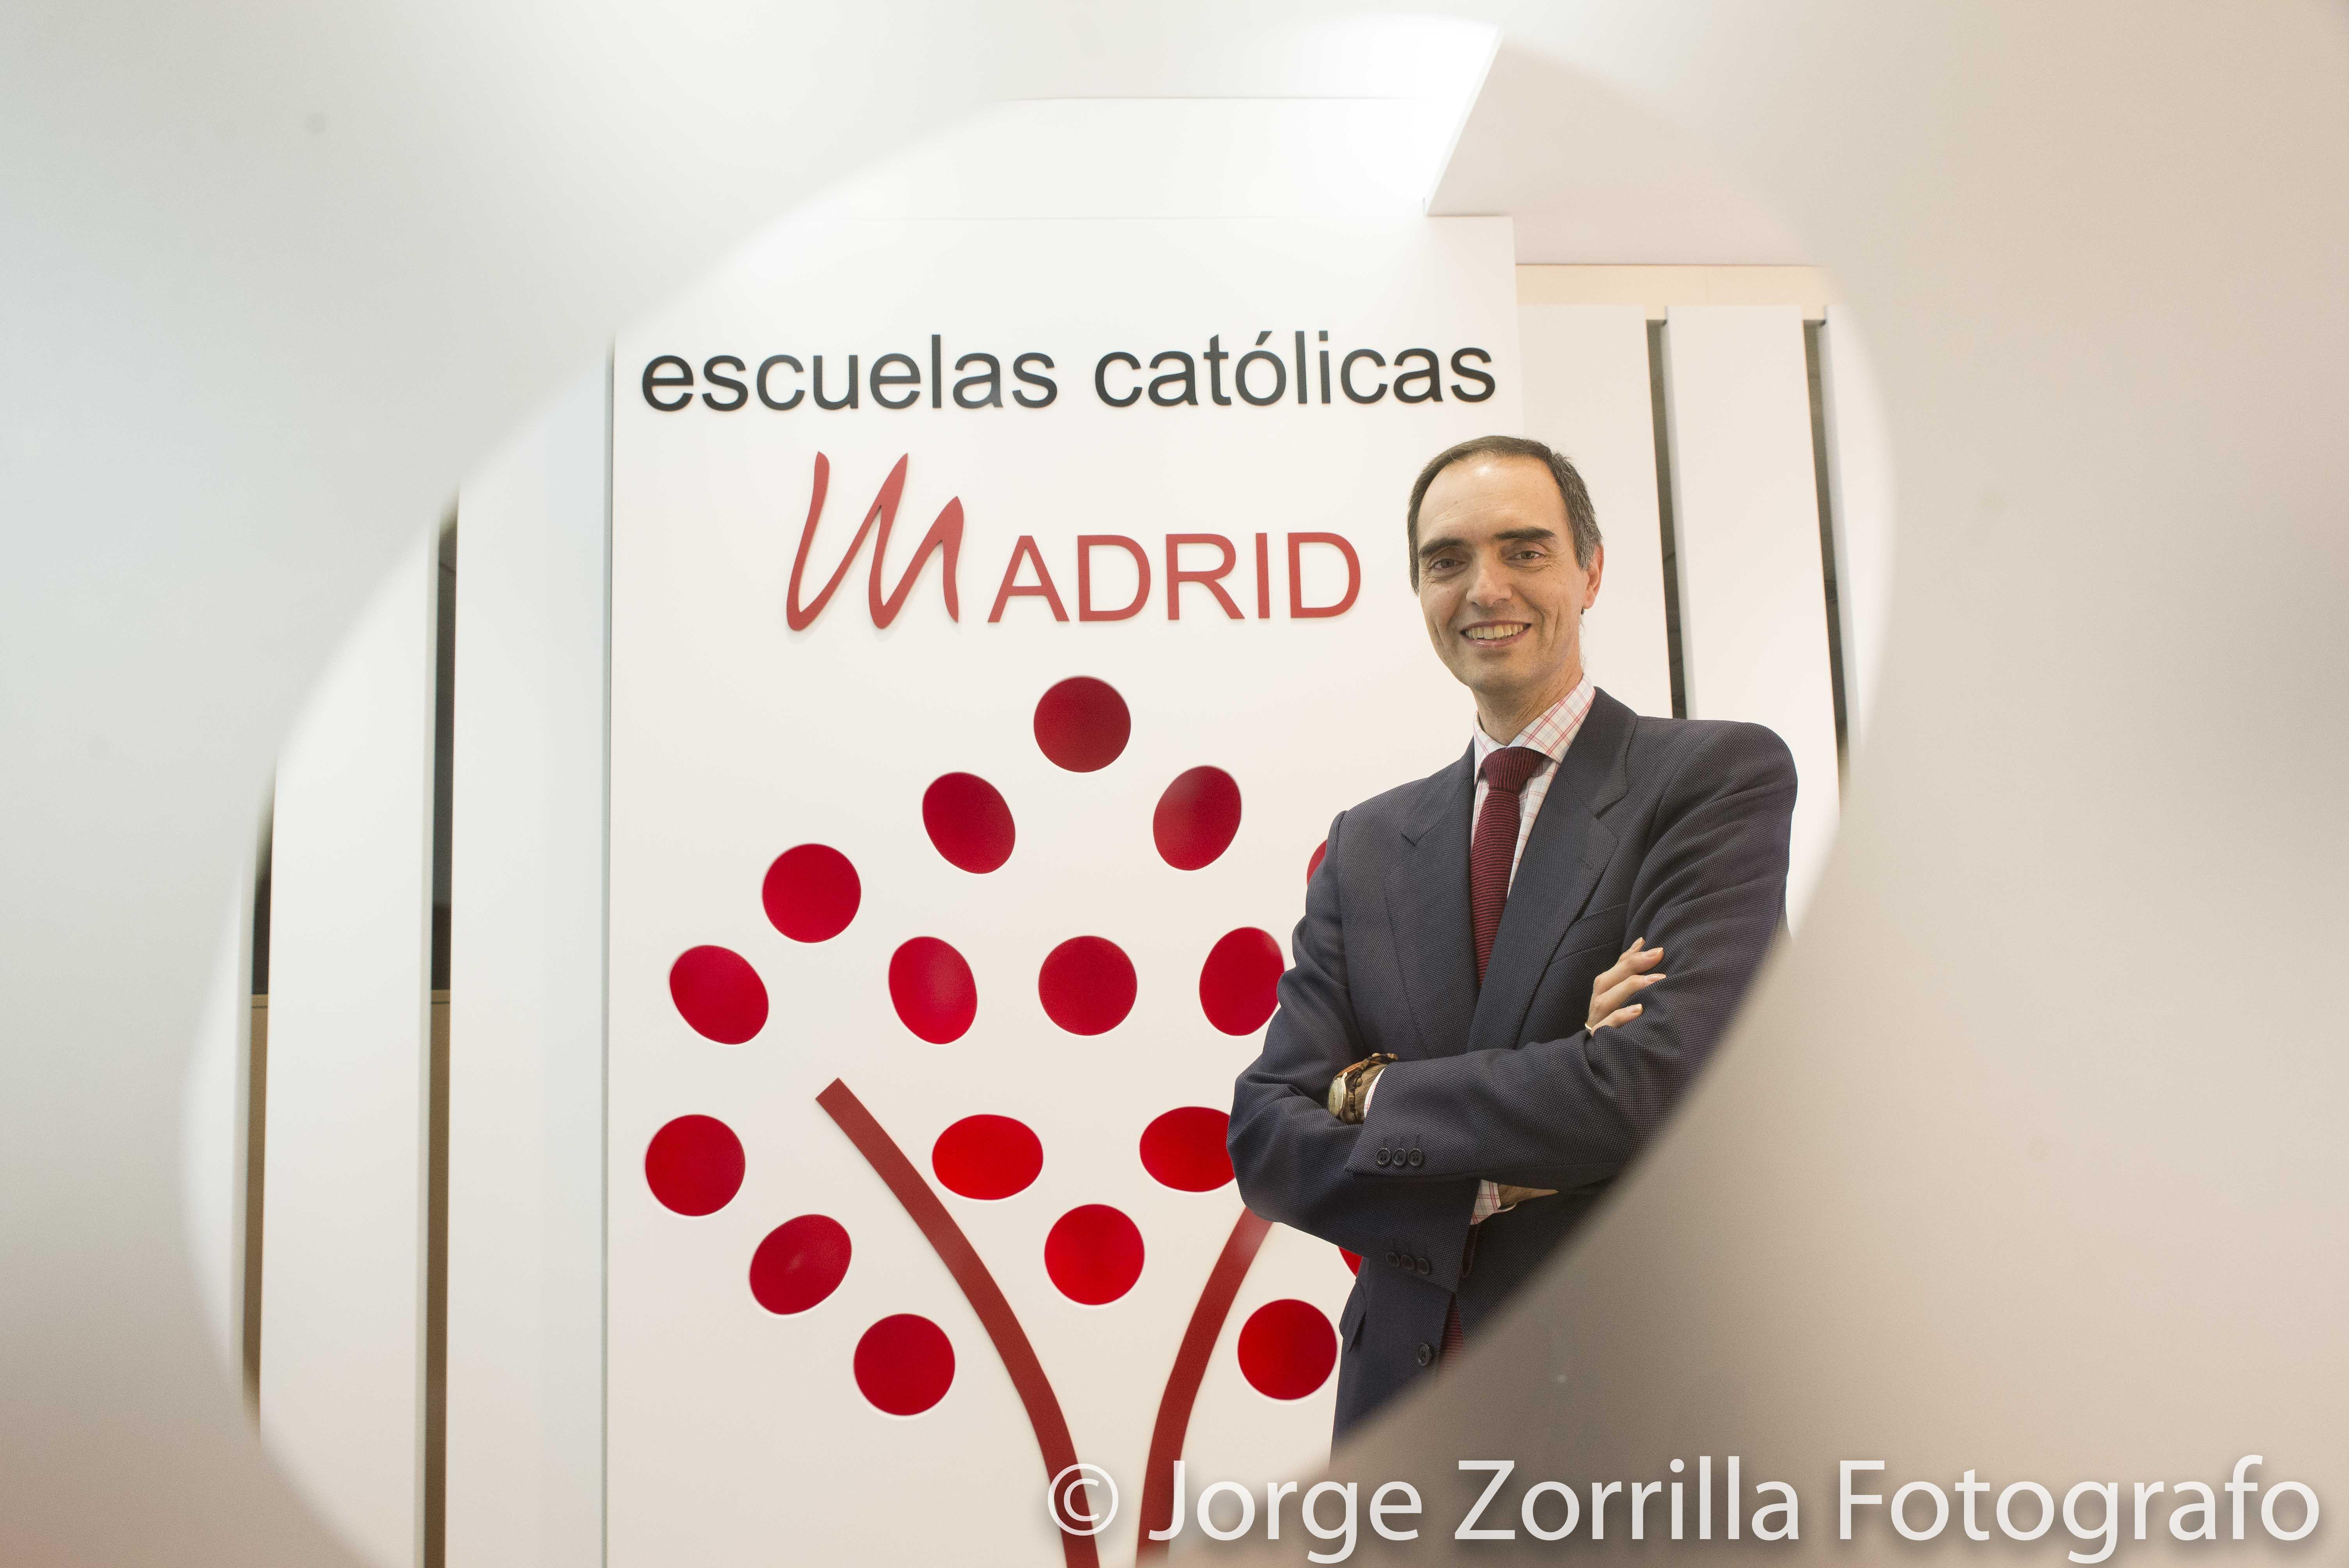 Fotografía de José Antonio Poveda, secretario regional de Escuelas Católicas de Madrid © Jorge Zorri